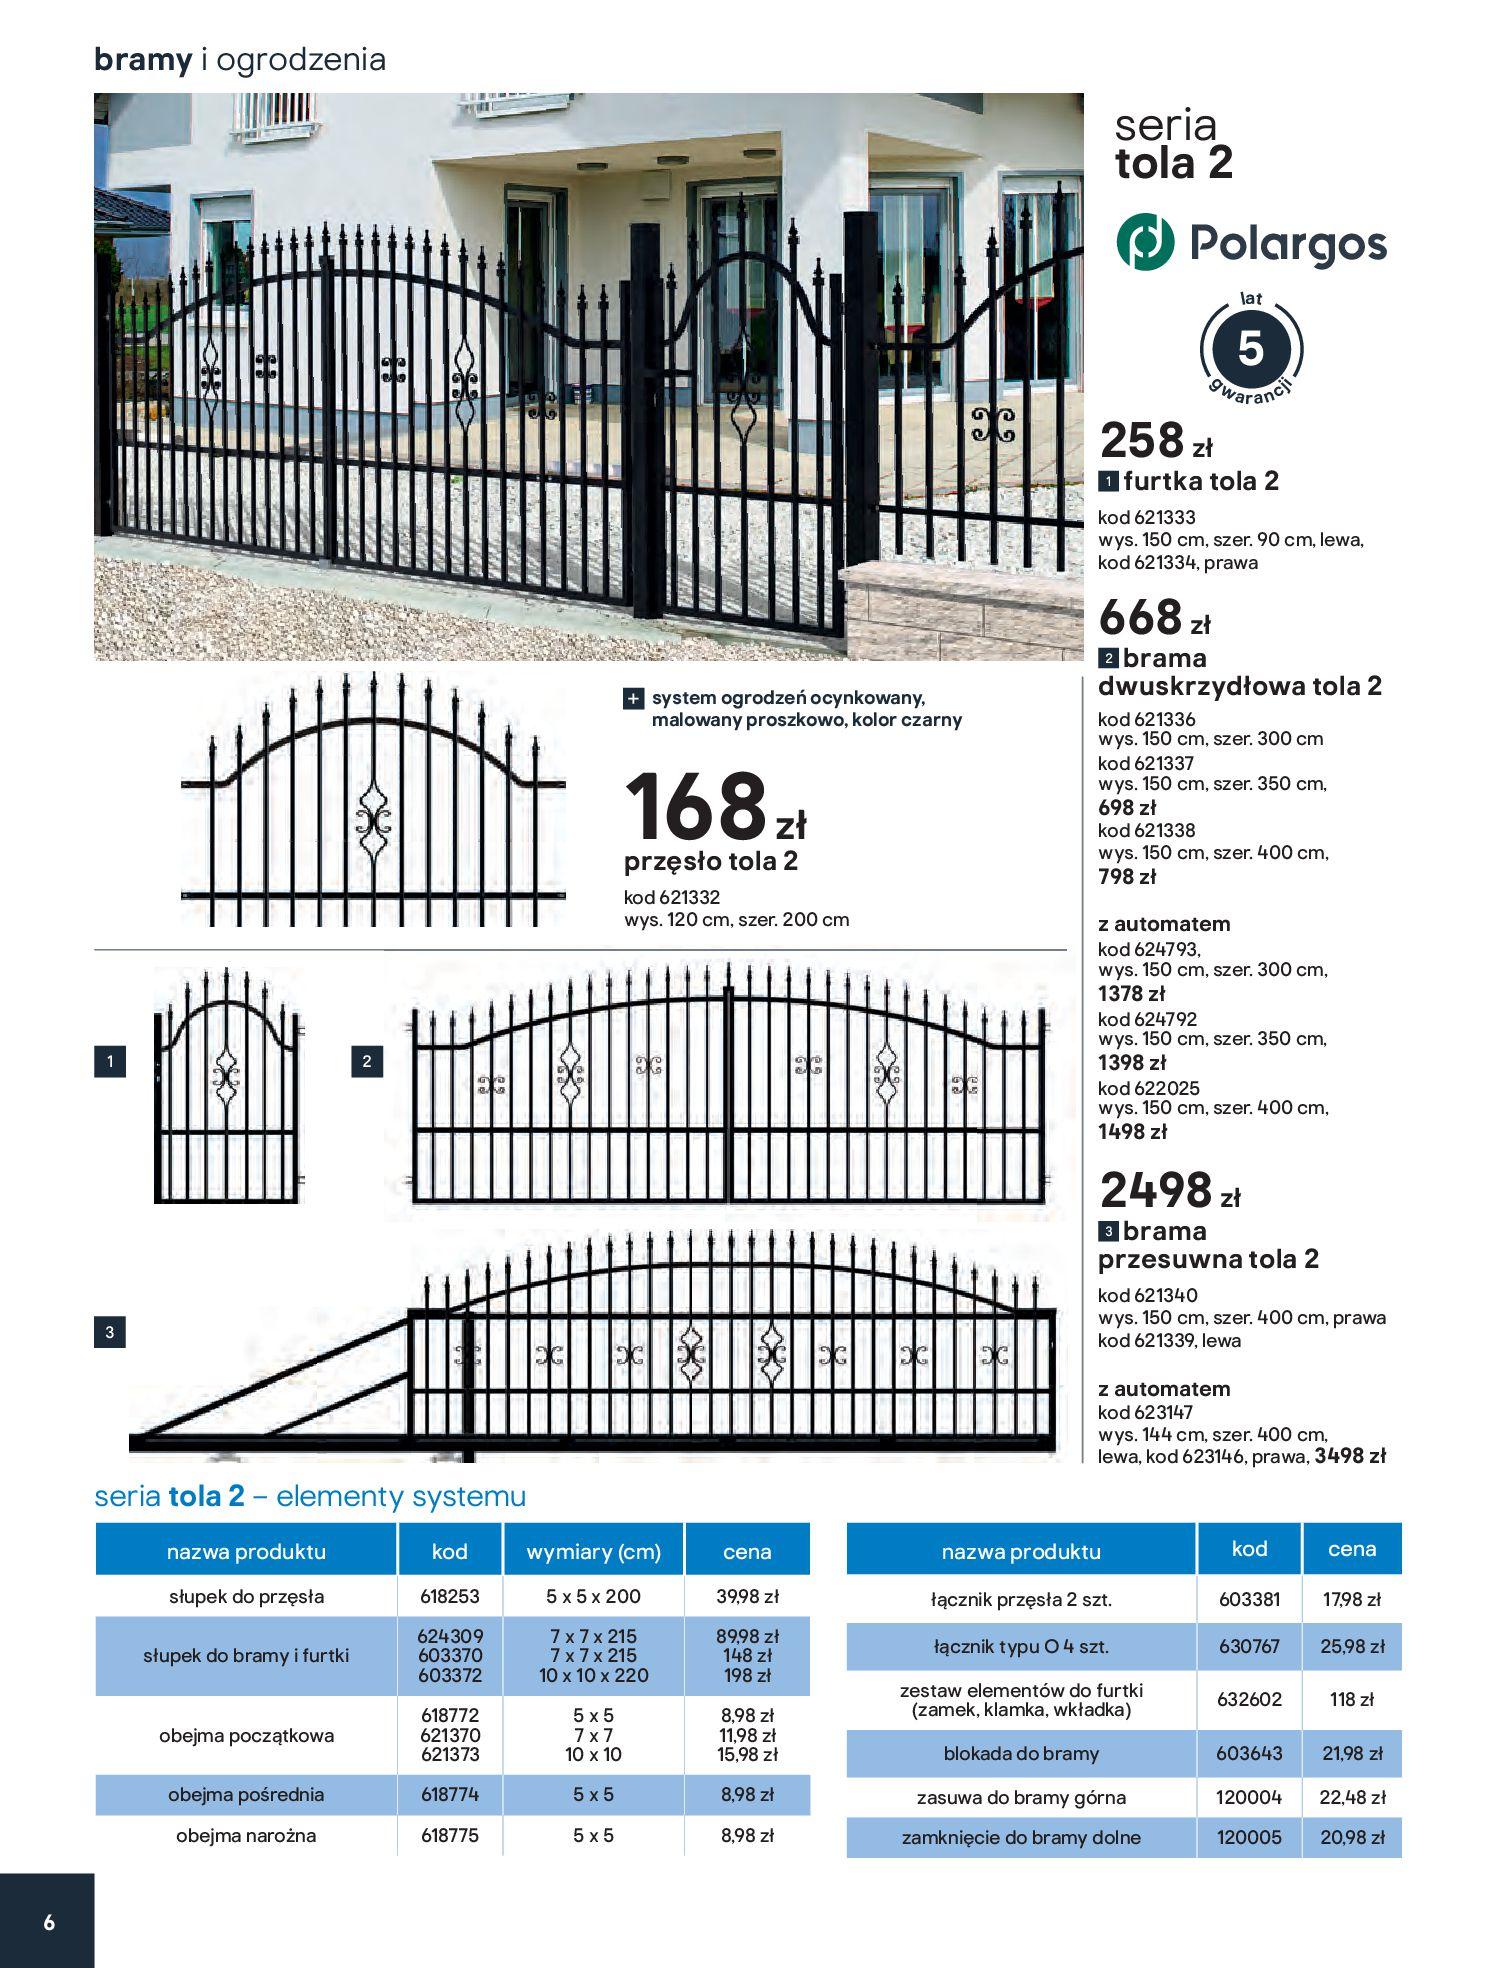 Gazetka Castorama - Przewodnik bramy i ogrodzenia-12.02.2020-30.06.2020-page-6